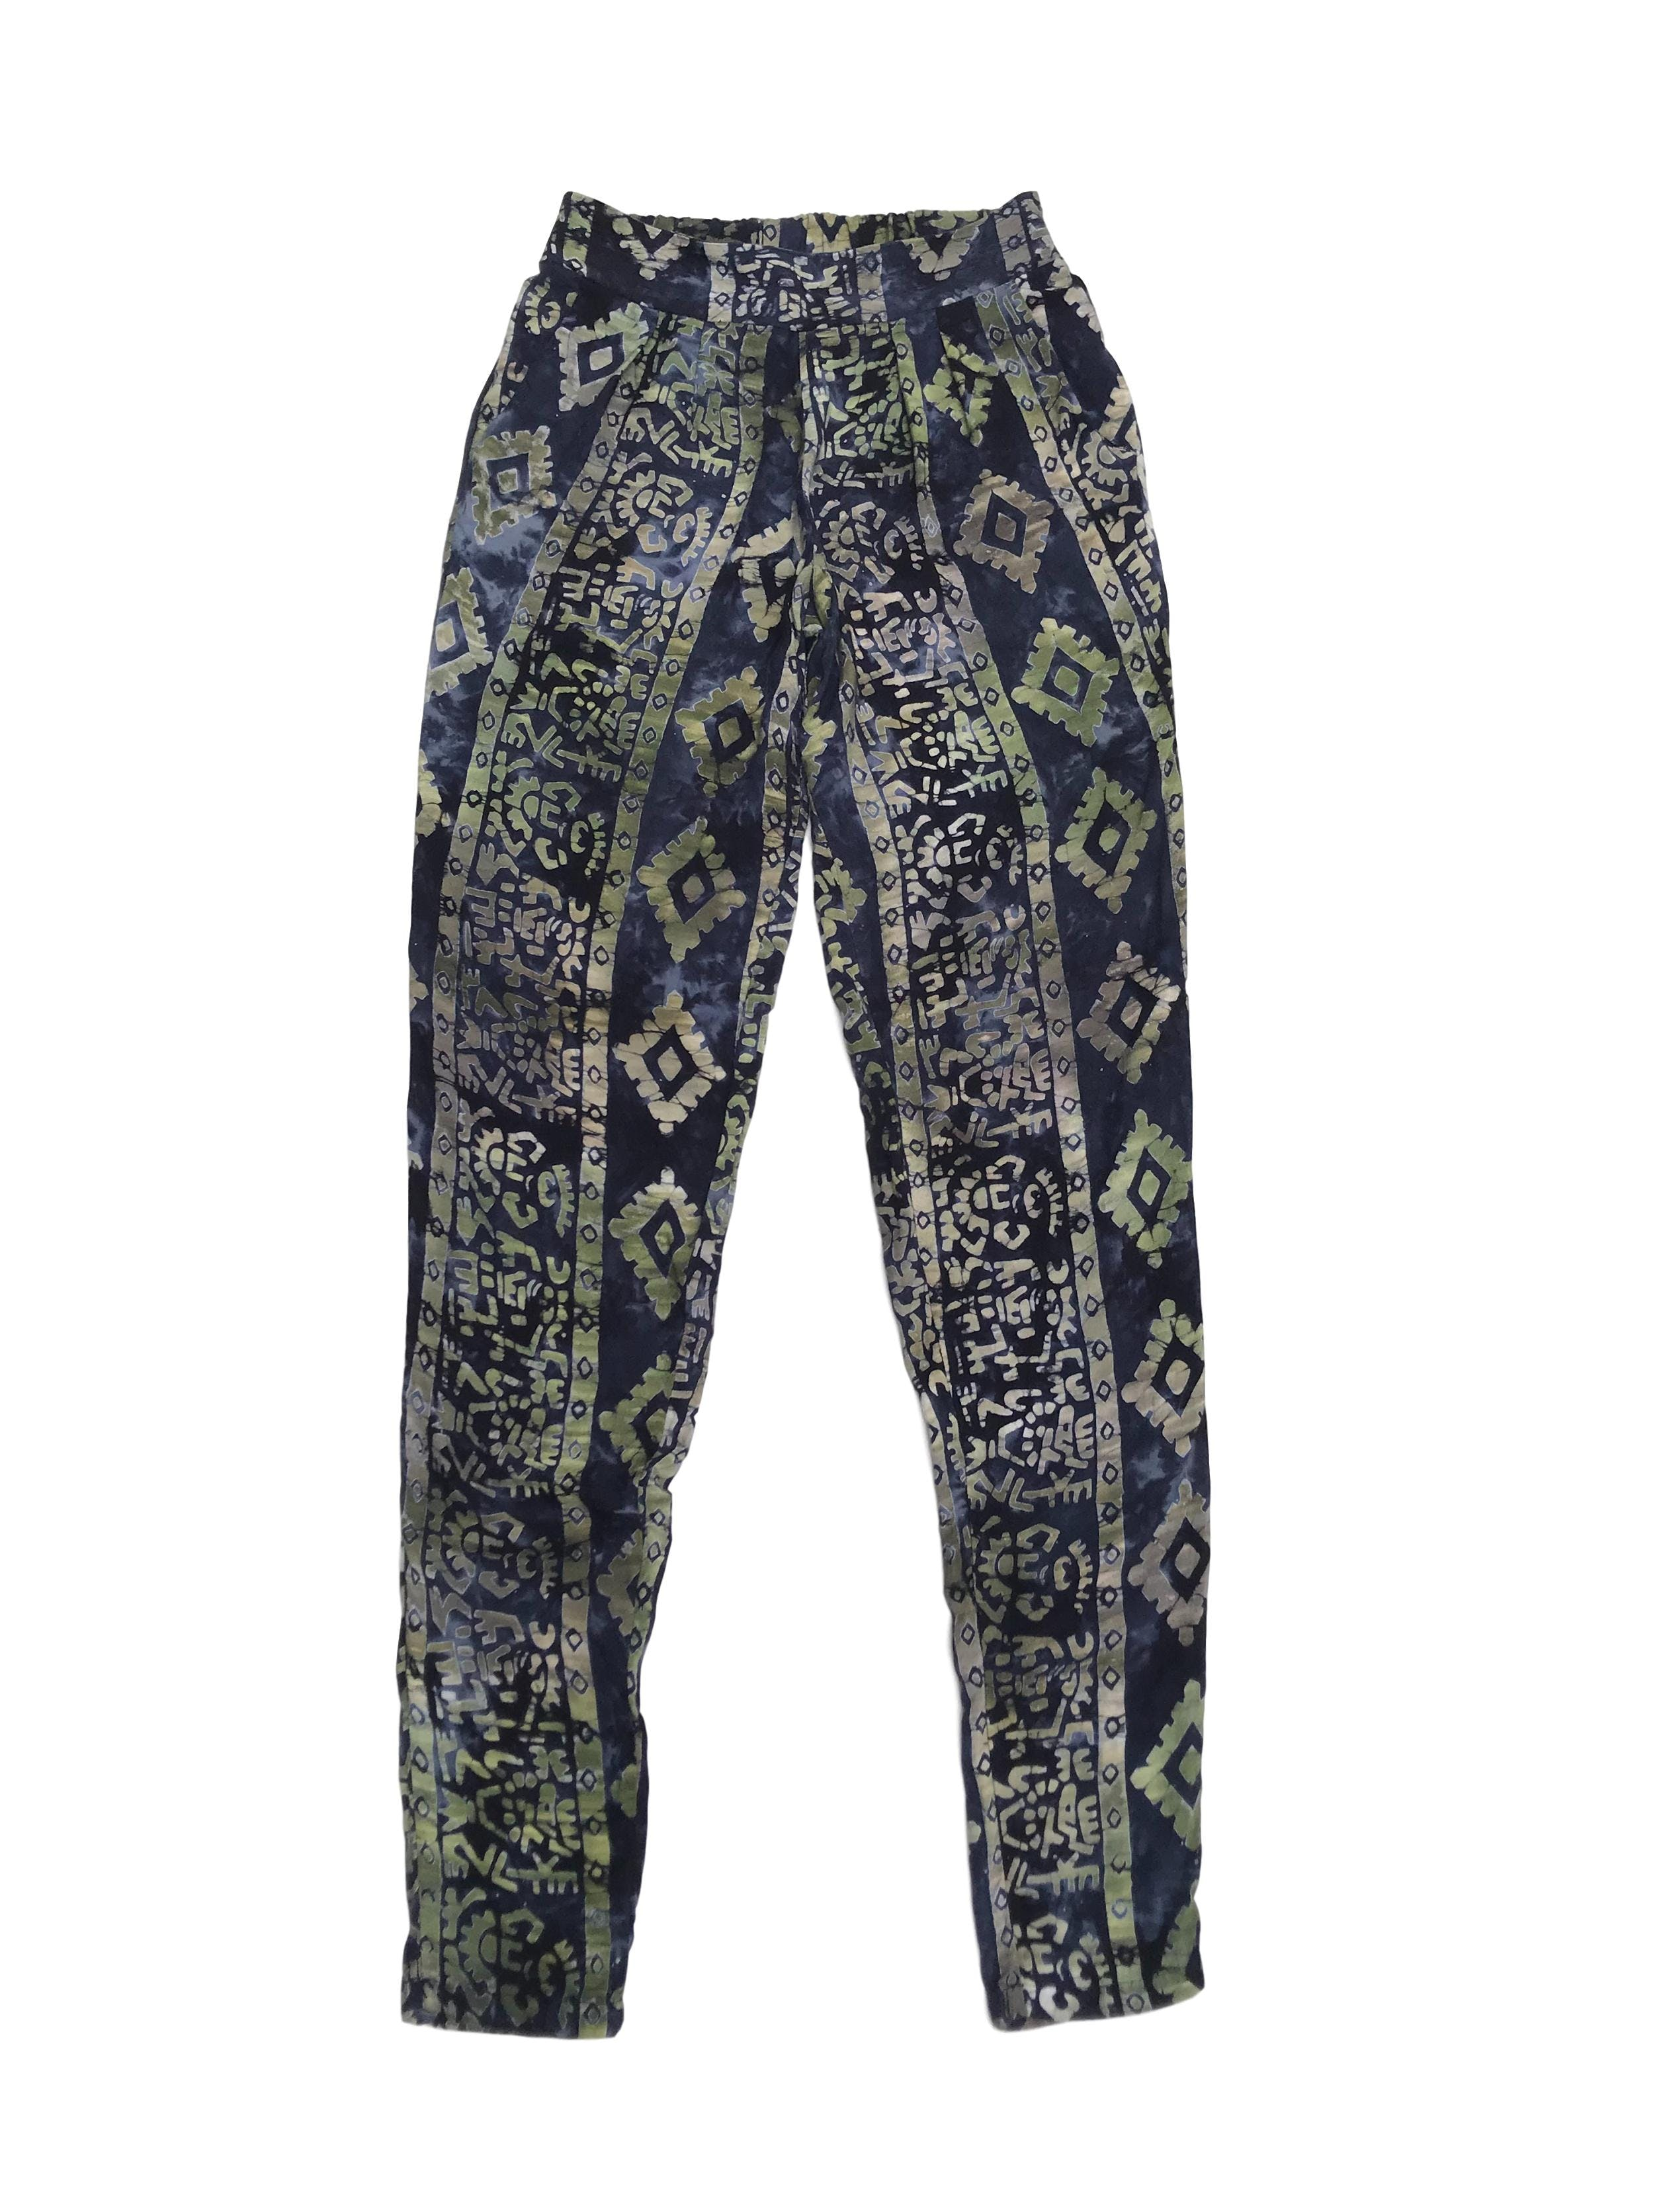 Pantalón fresco 100% algodón, estampado tribal azul y verde, con pretina elástica y bolsillos laterales. Cintura 66 (sin estirar)